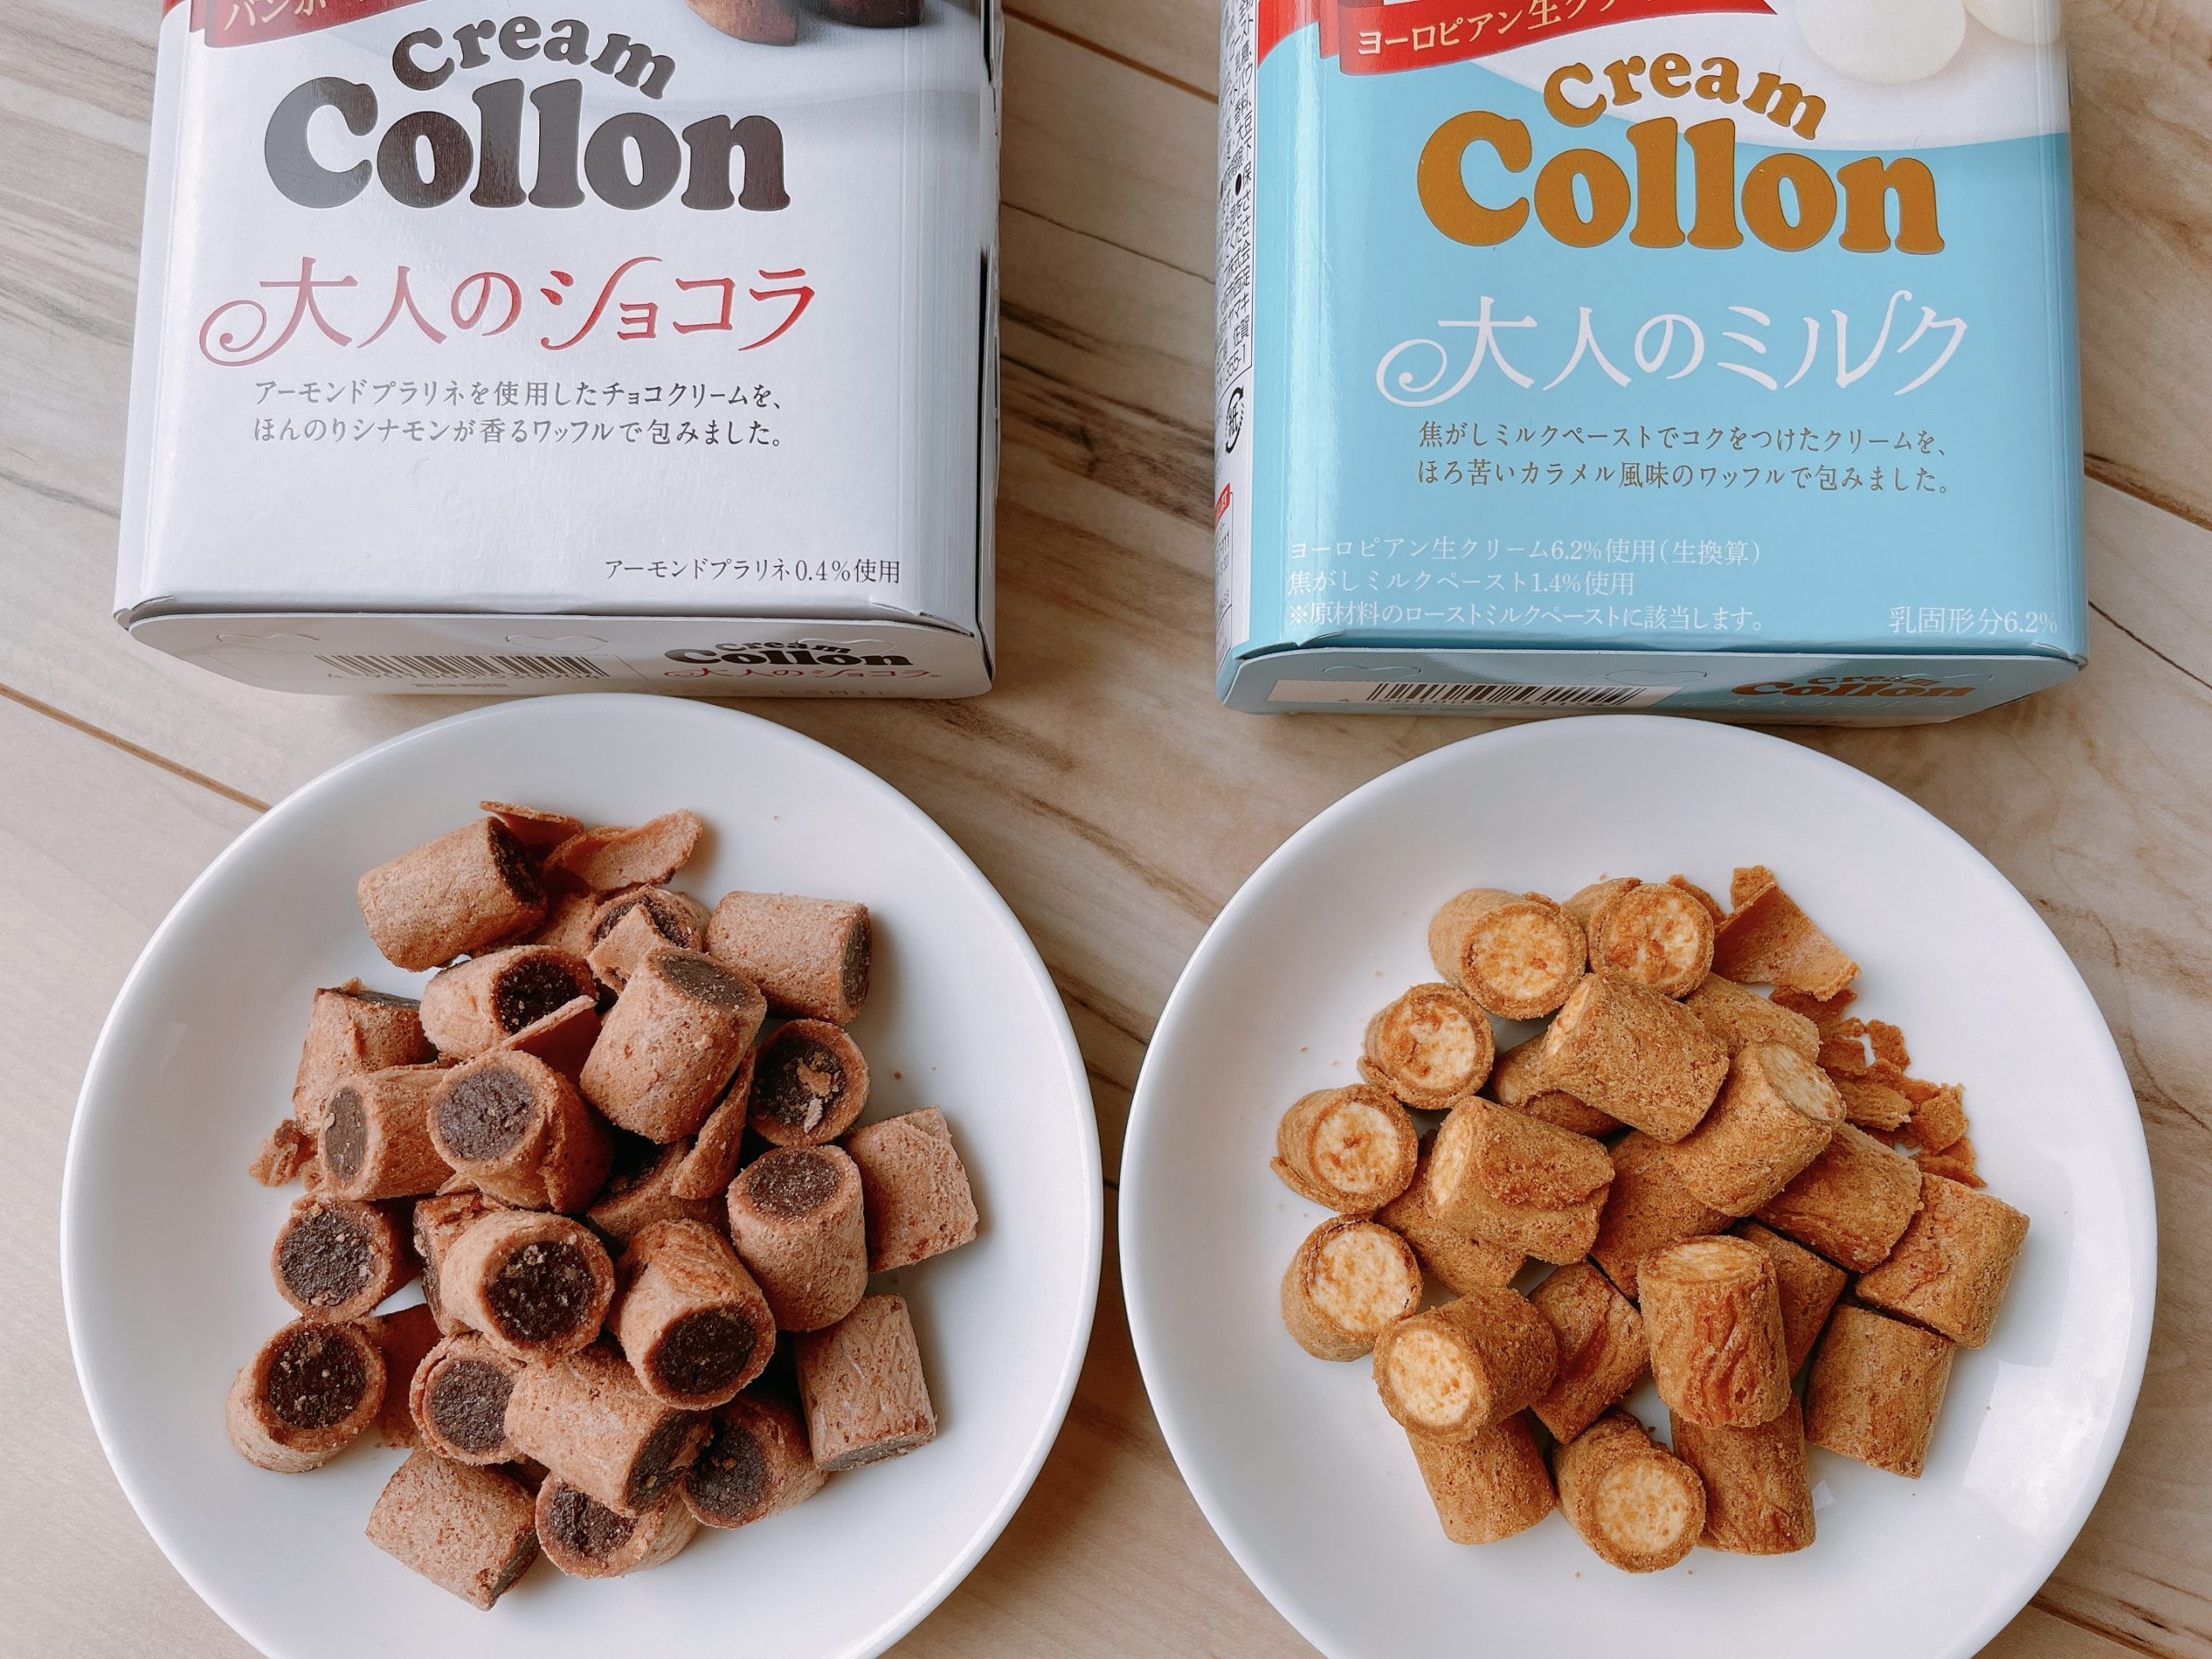 クリームコロン<大人のミルク>と<大人のショコラ>は、うまい!ではなく、うまい…です。